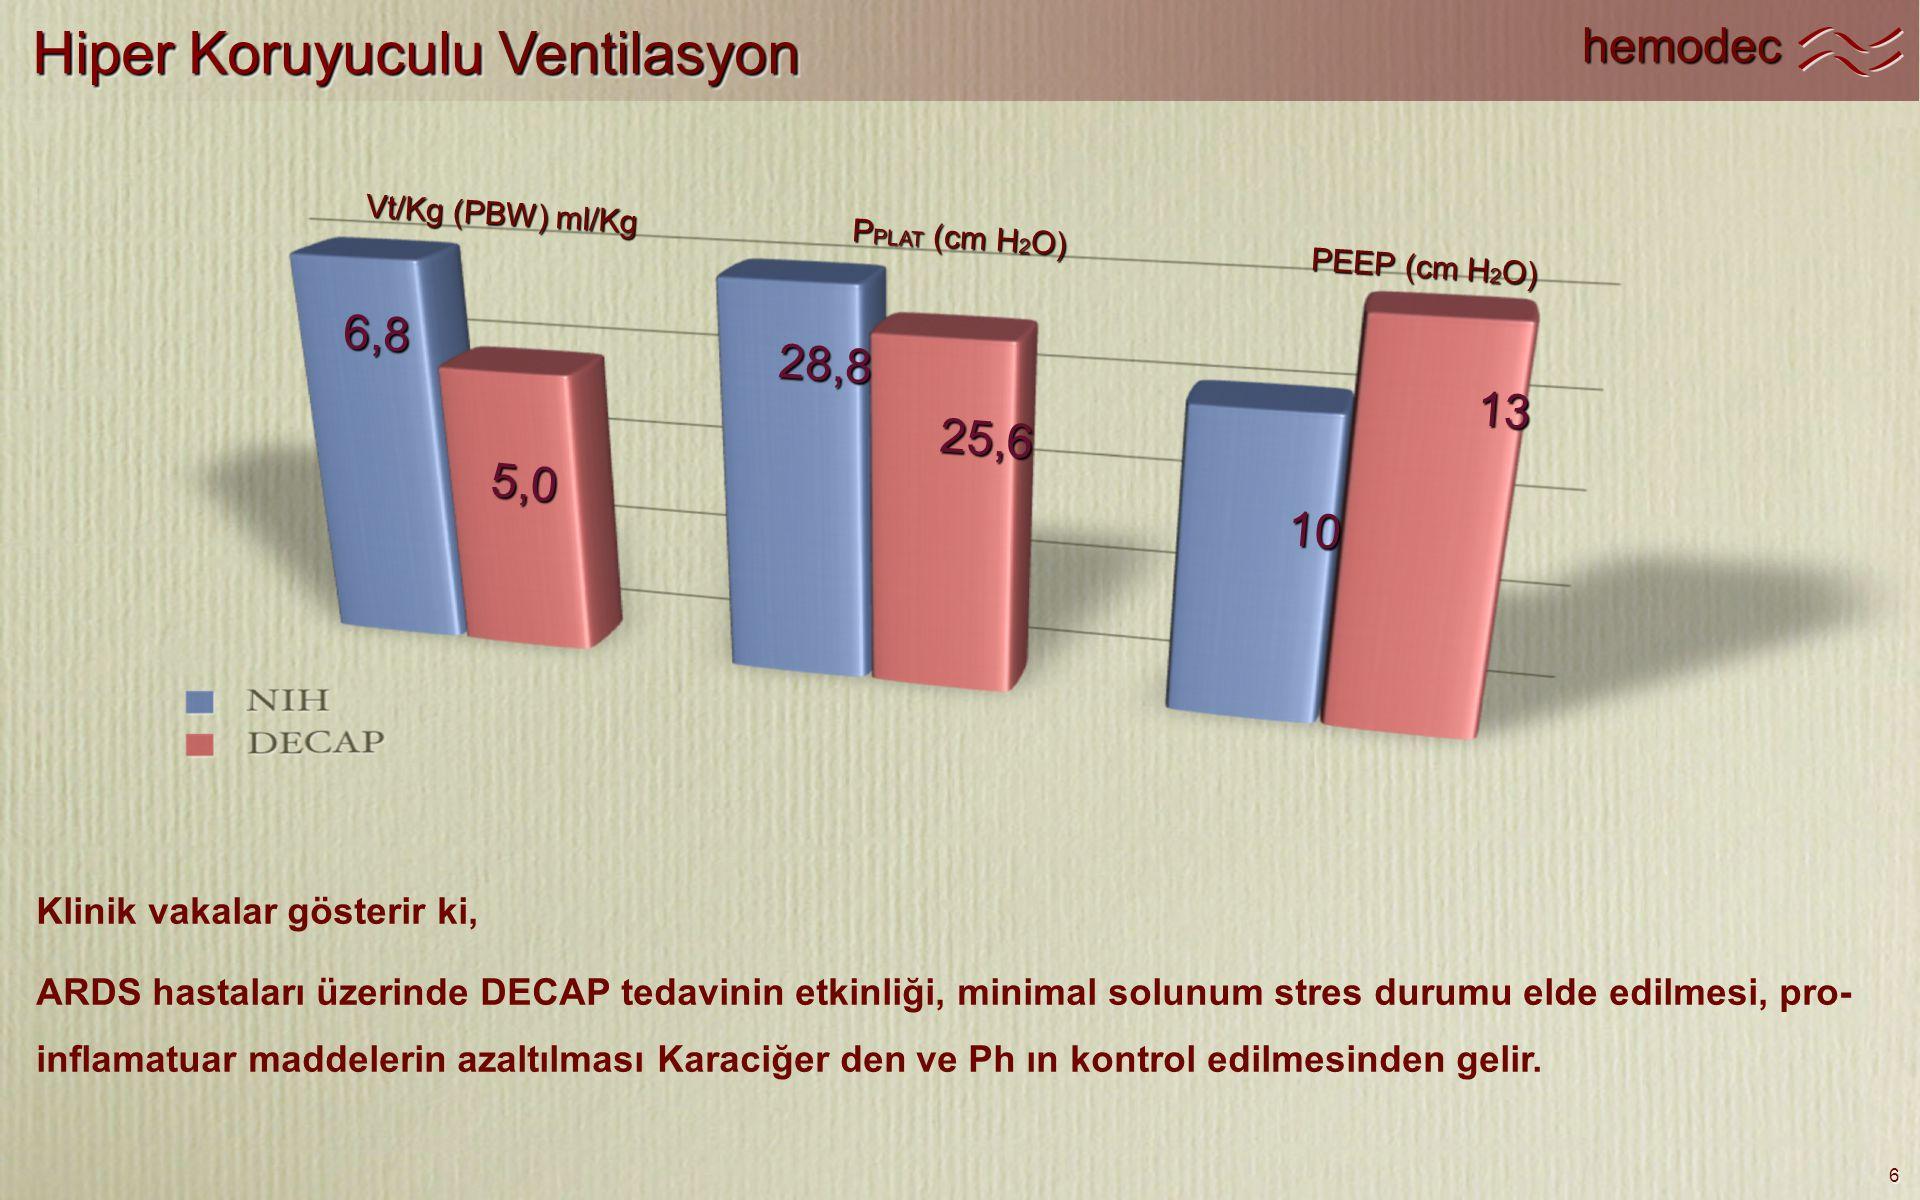 hemodec 6 Hiper Koruyuculu Ventilasyon Klinik vakalar gösterir ki, ARDS hastaları üzerinde DECAP tedavinin etkinliği, minimal solunum stres durumu eld